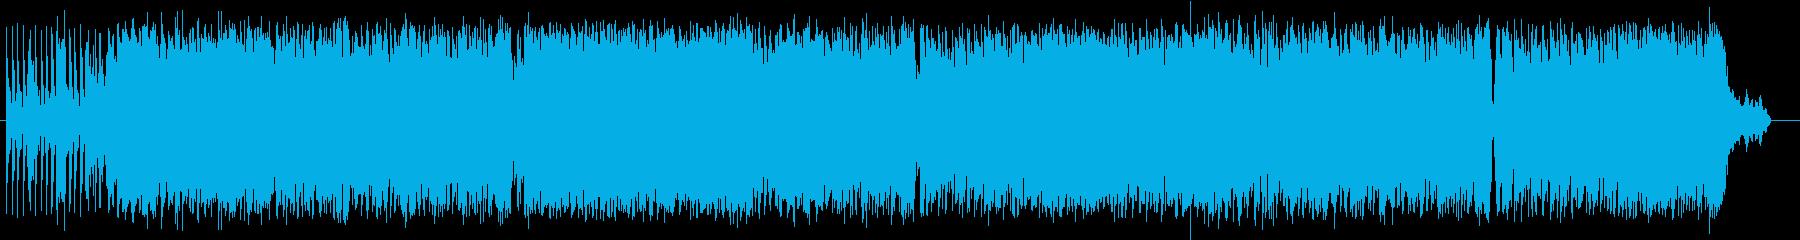 ドラムで始まる勢いのあるロックの再生済みの波形